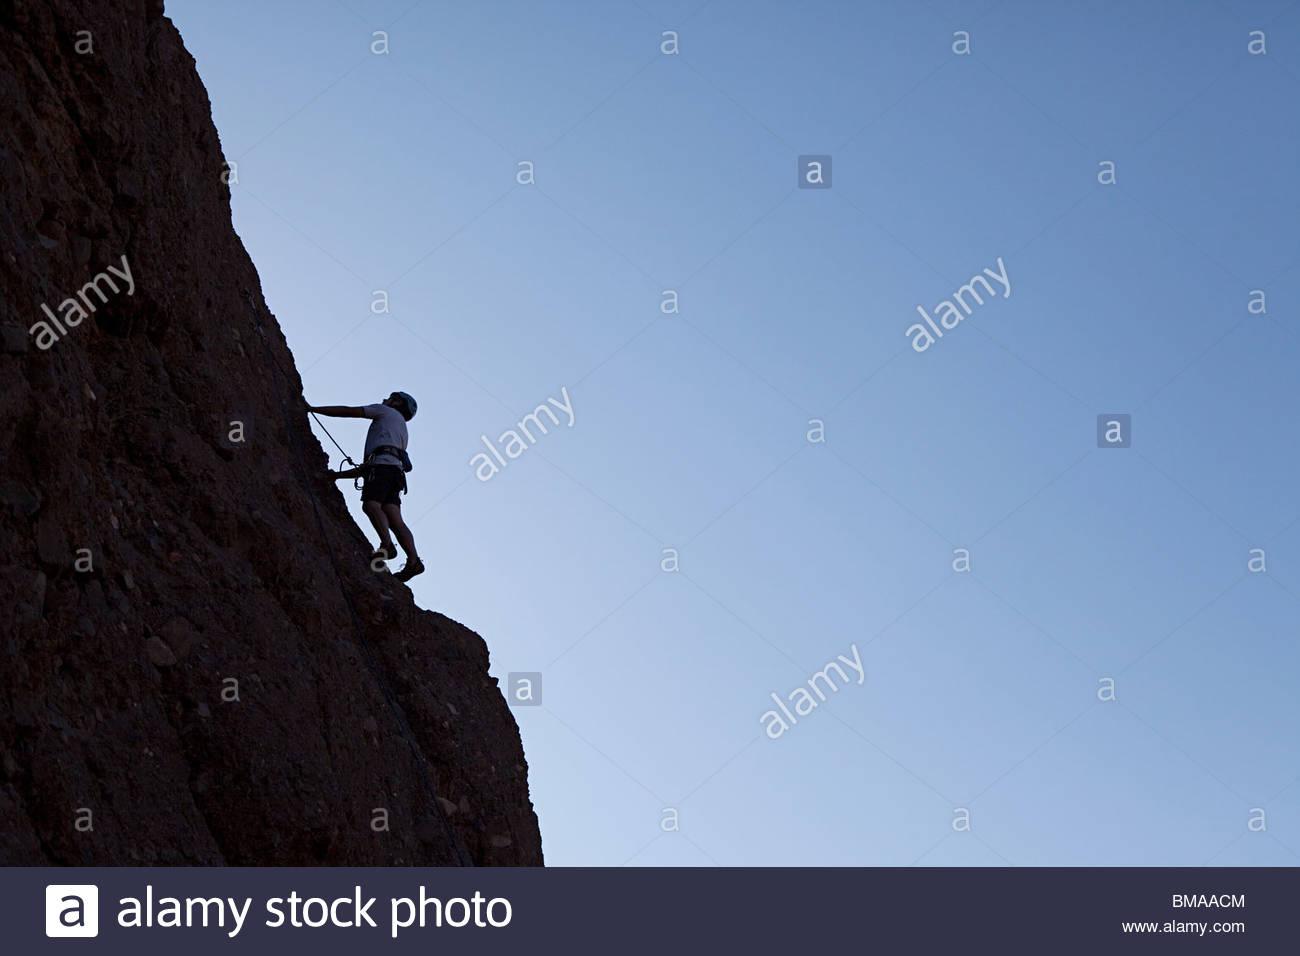 Rock climber - Stock Image